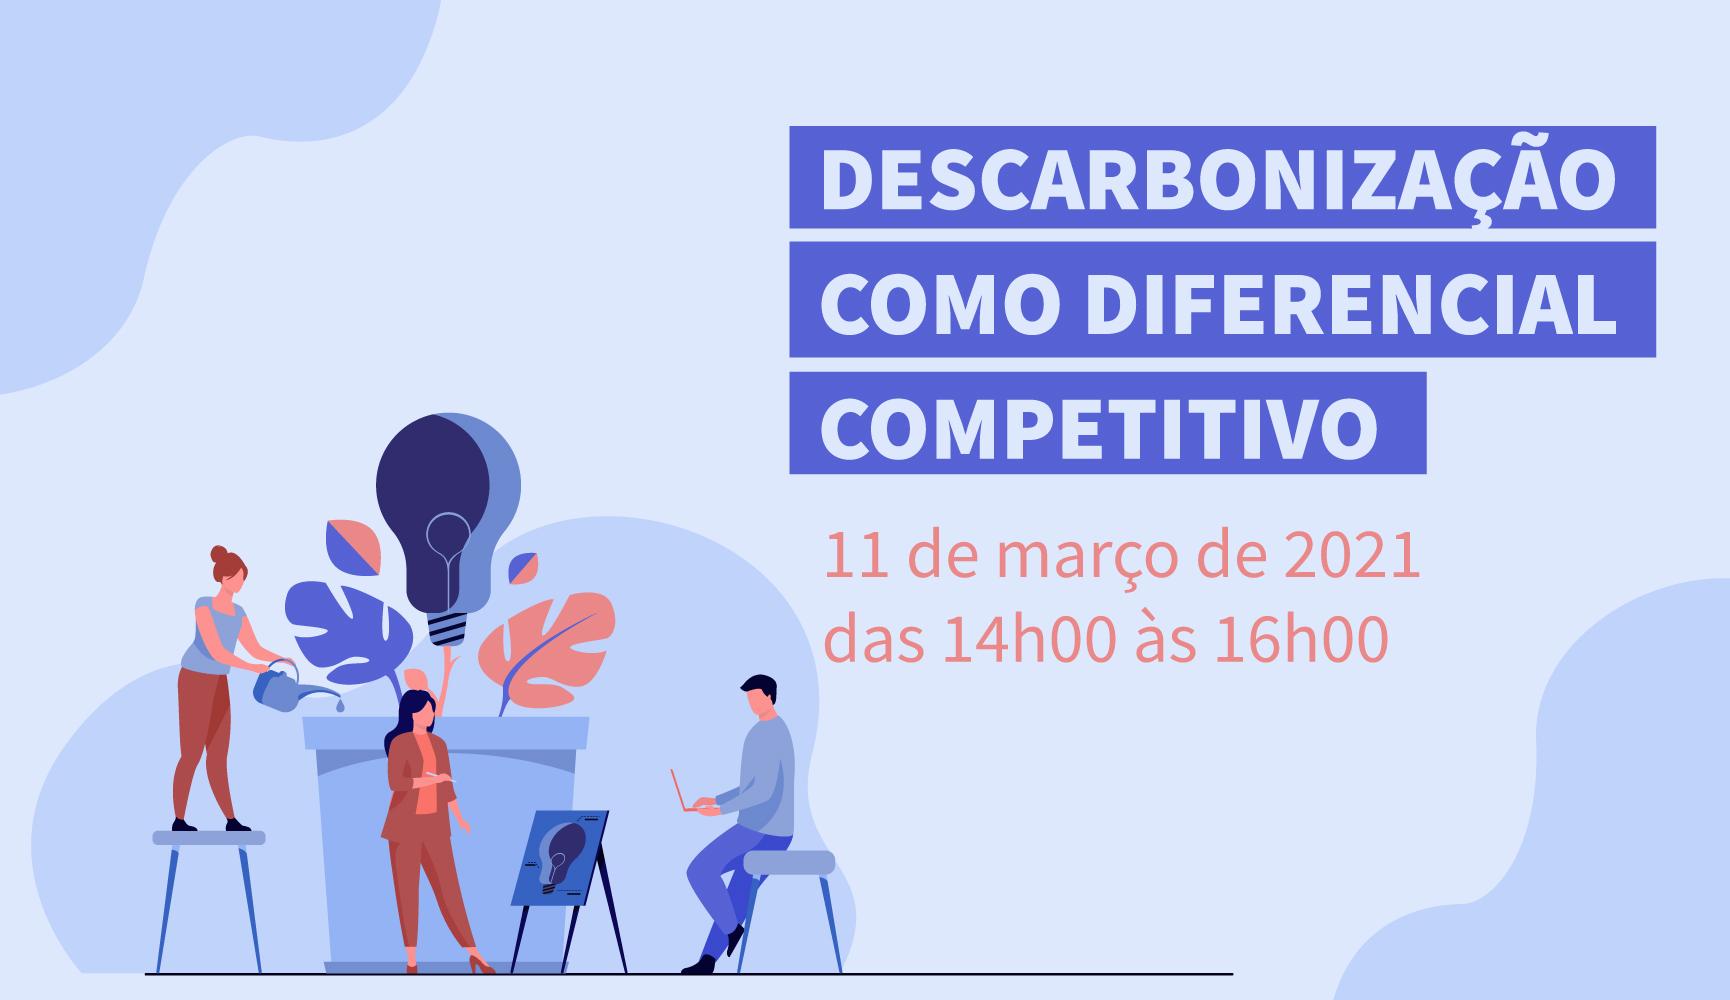 Descarbonização como diferencial competitivo